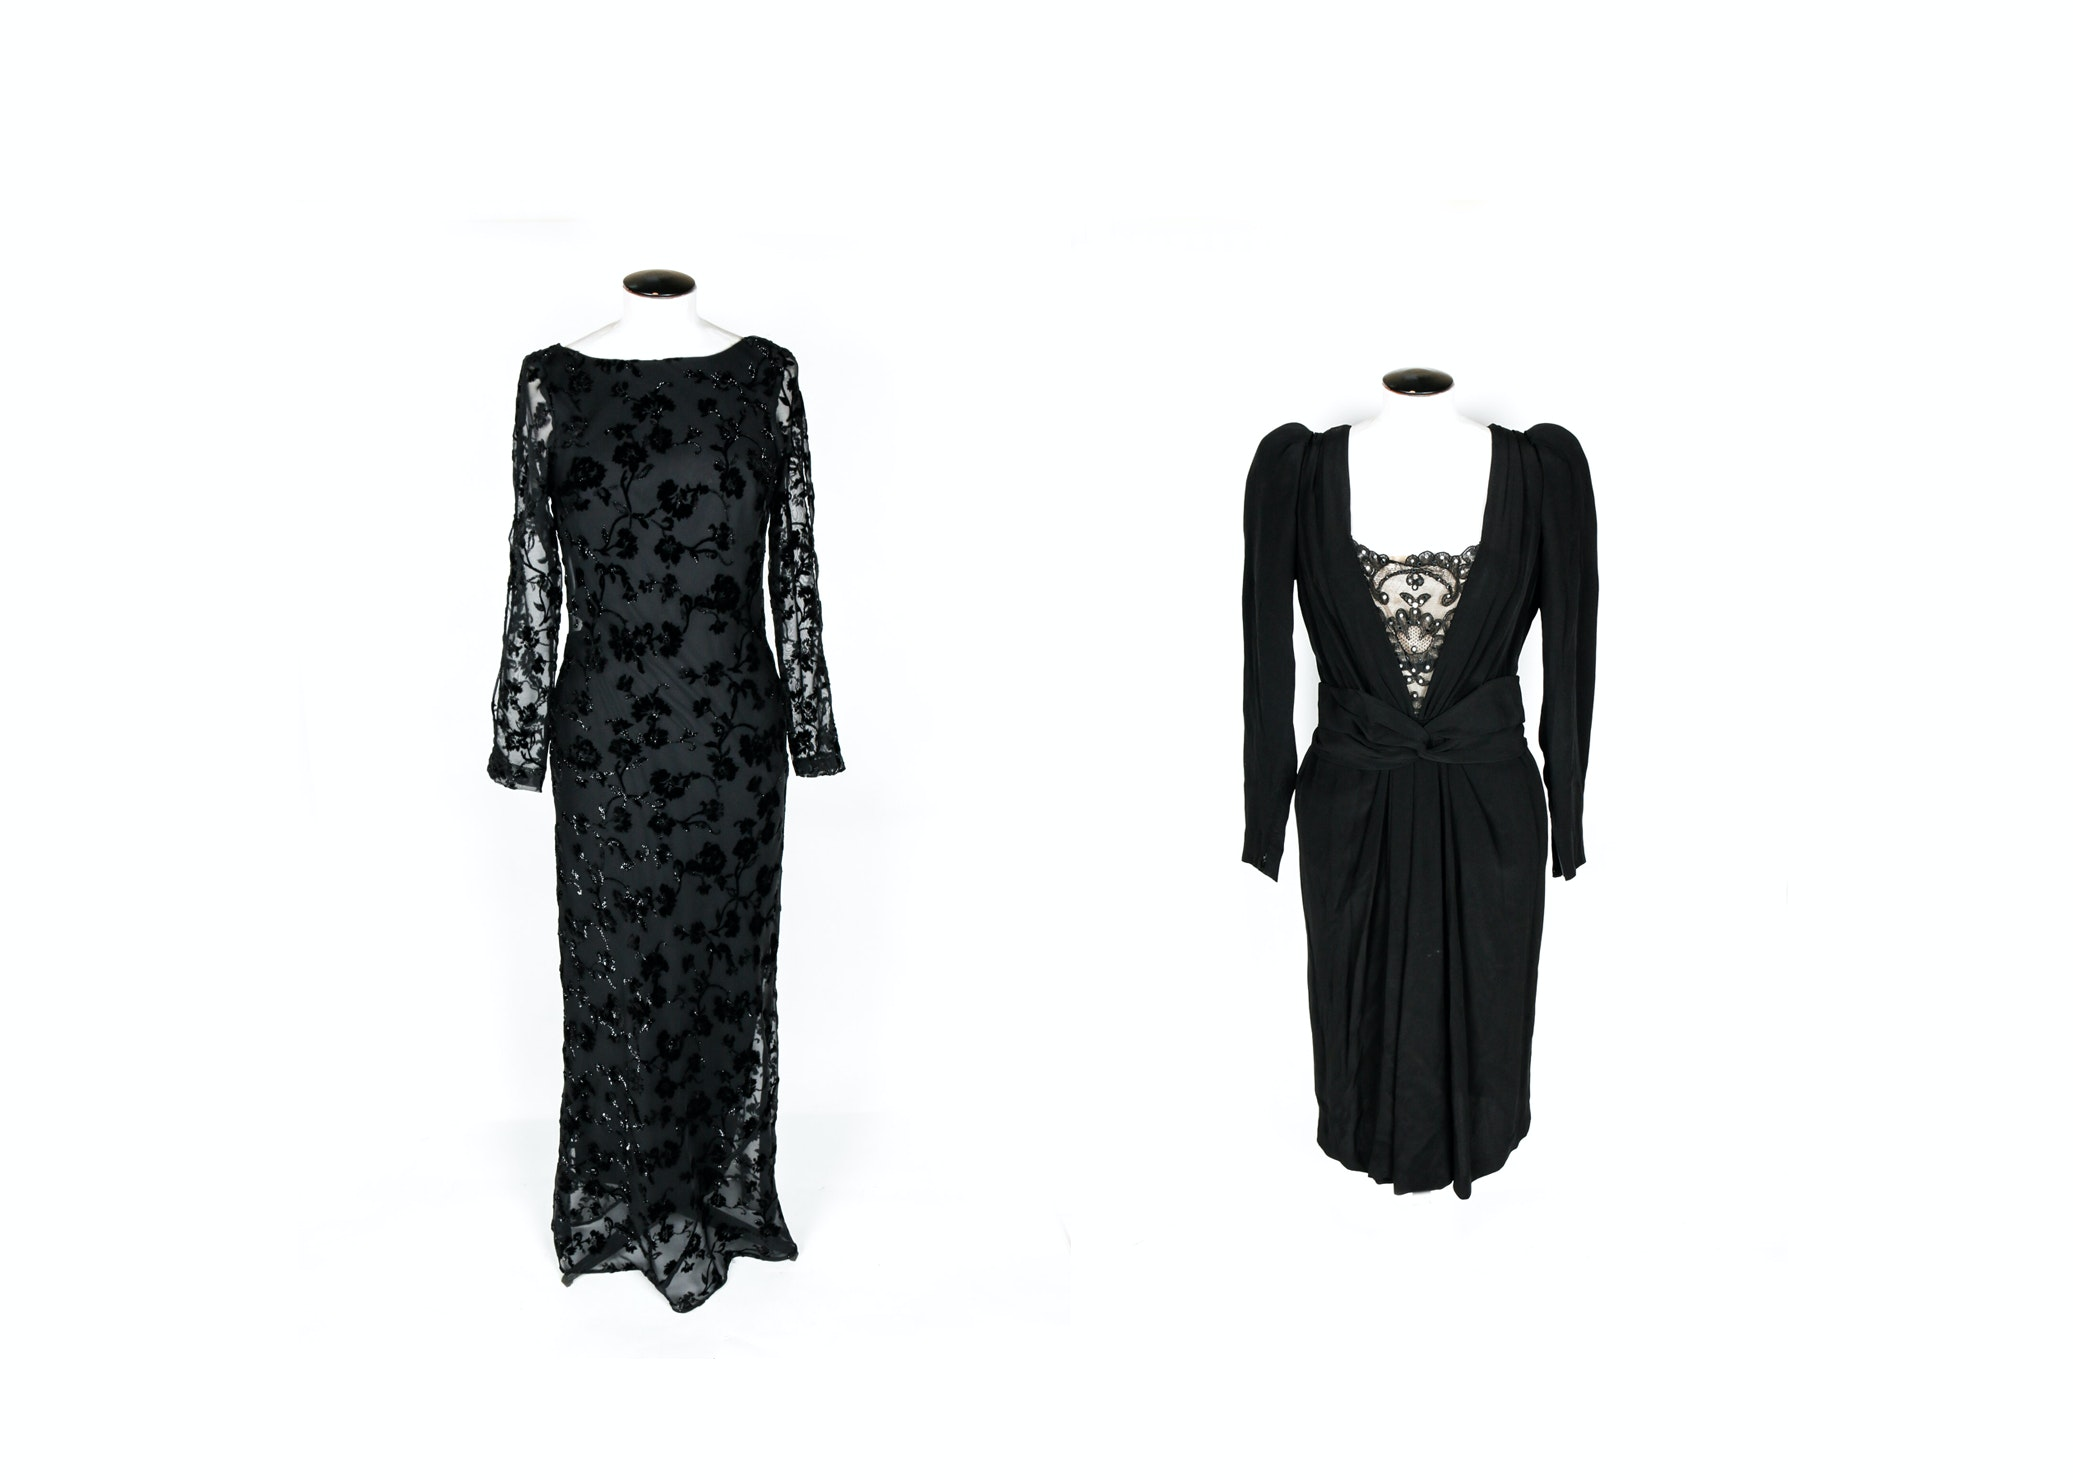 Pair of Vintage Dresses